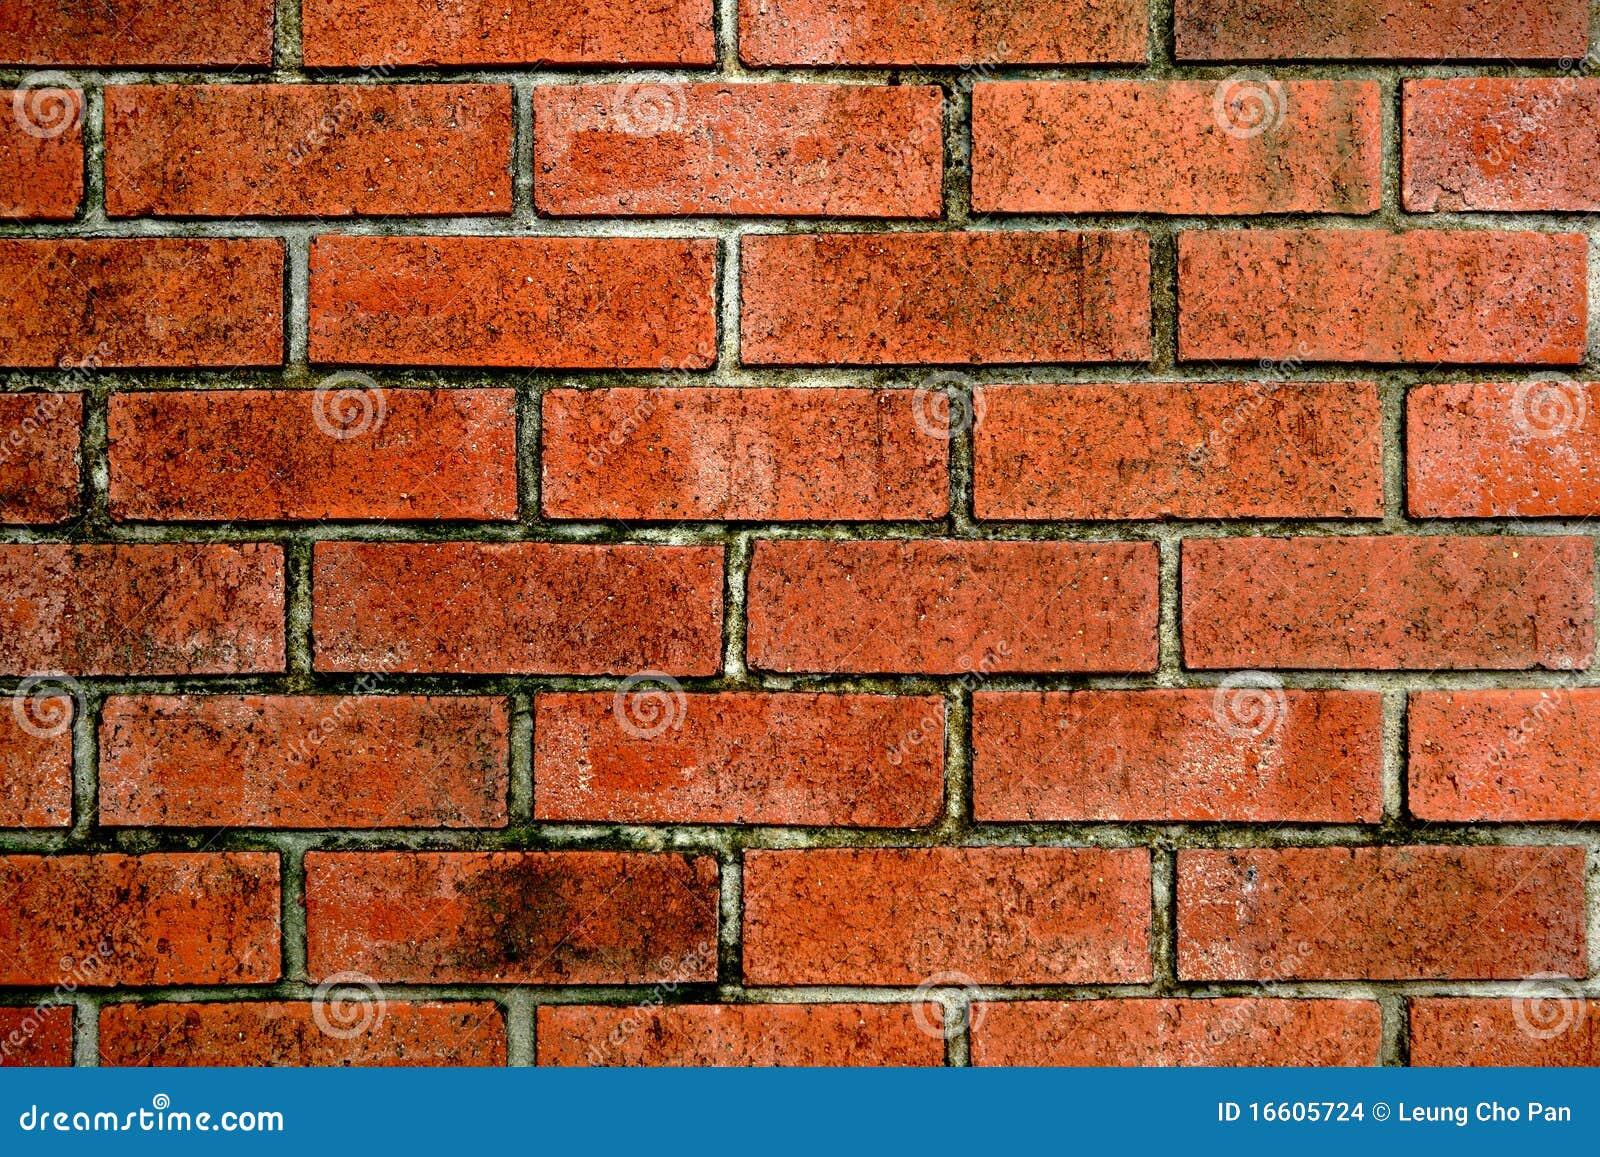 Pared de ladrillos vieja foto de archivo imagen de - Ladrillos para pared ...